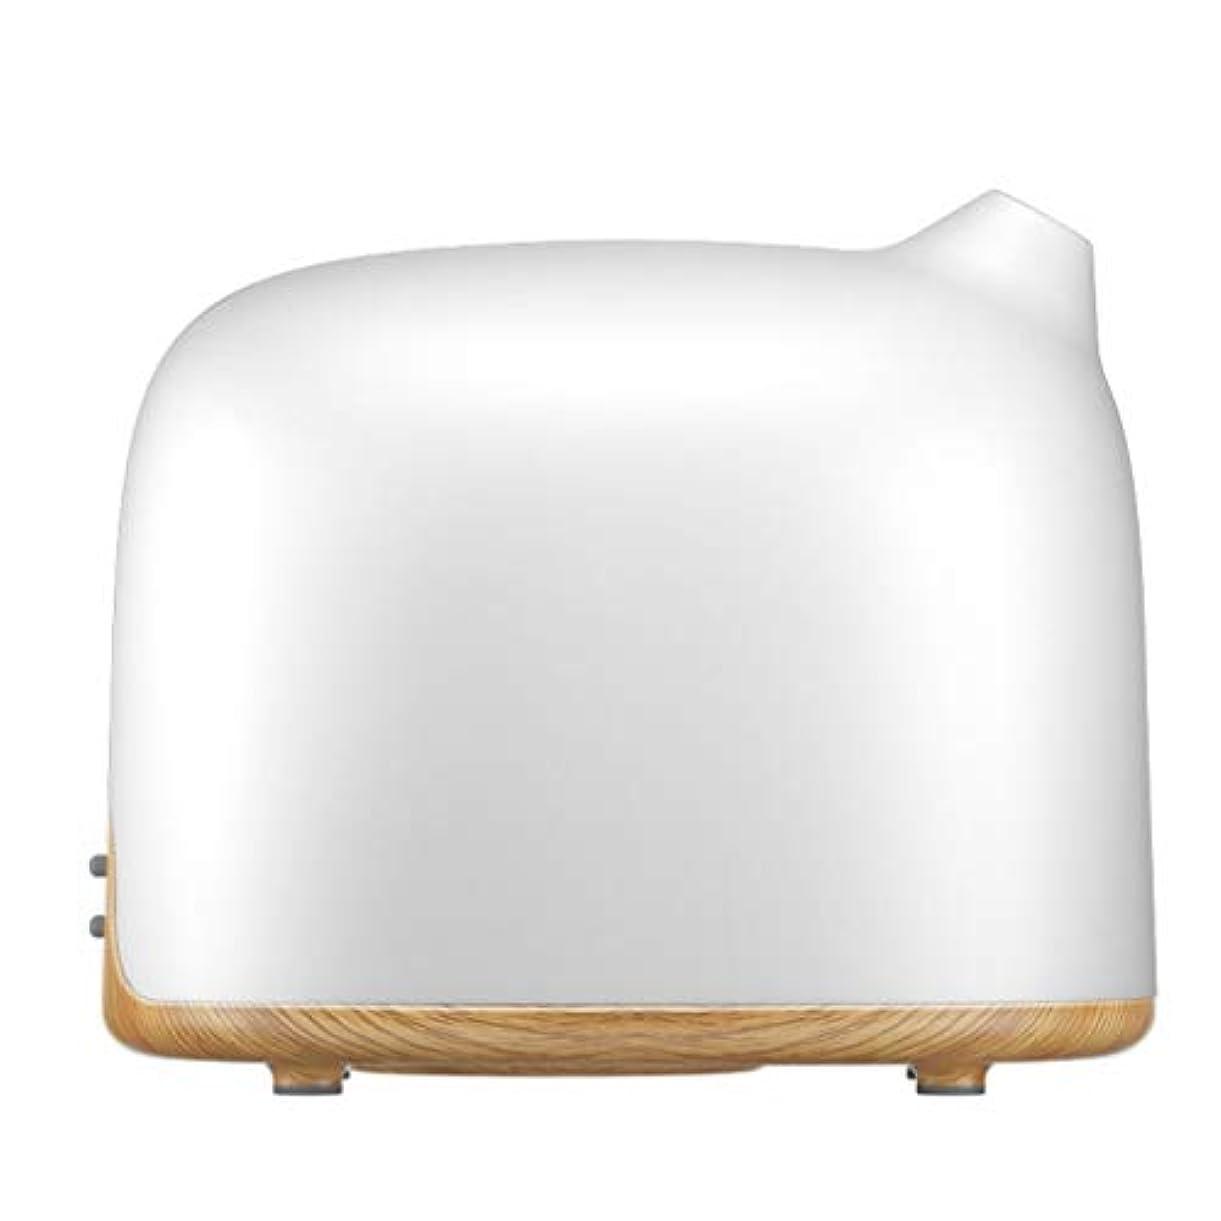 リットル刃刃空気加湿器ホームサイレント寝室妊娠中の女性ベビーエアフォグ大容量ディフューザー (Color : Natural)